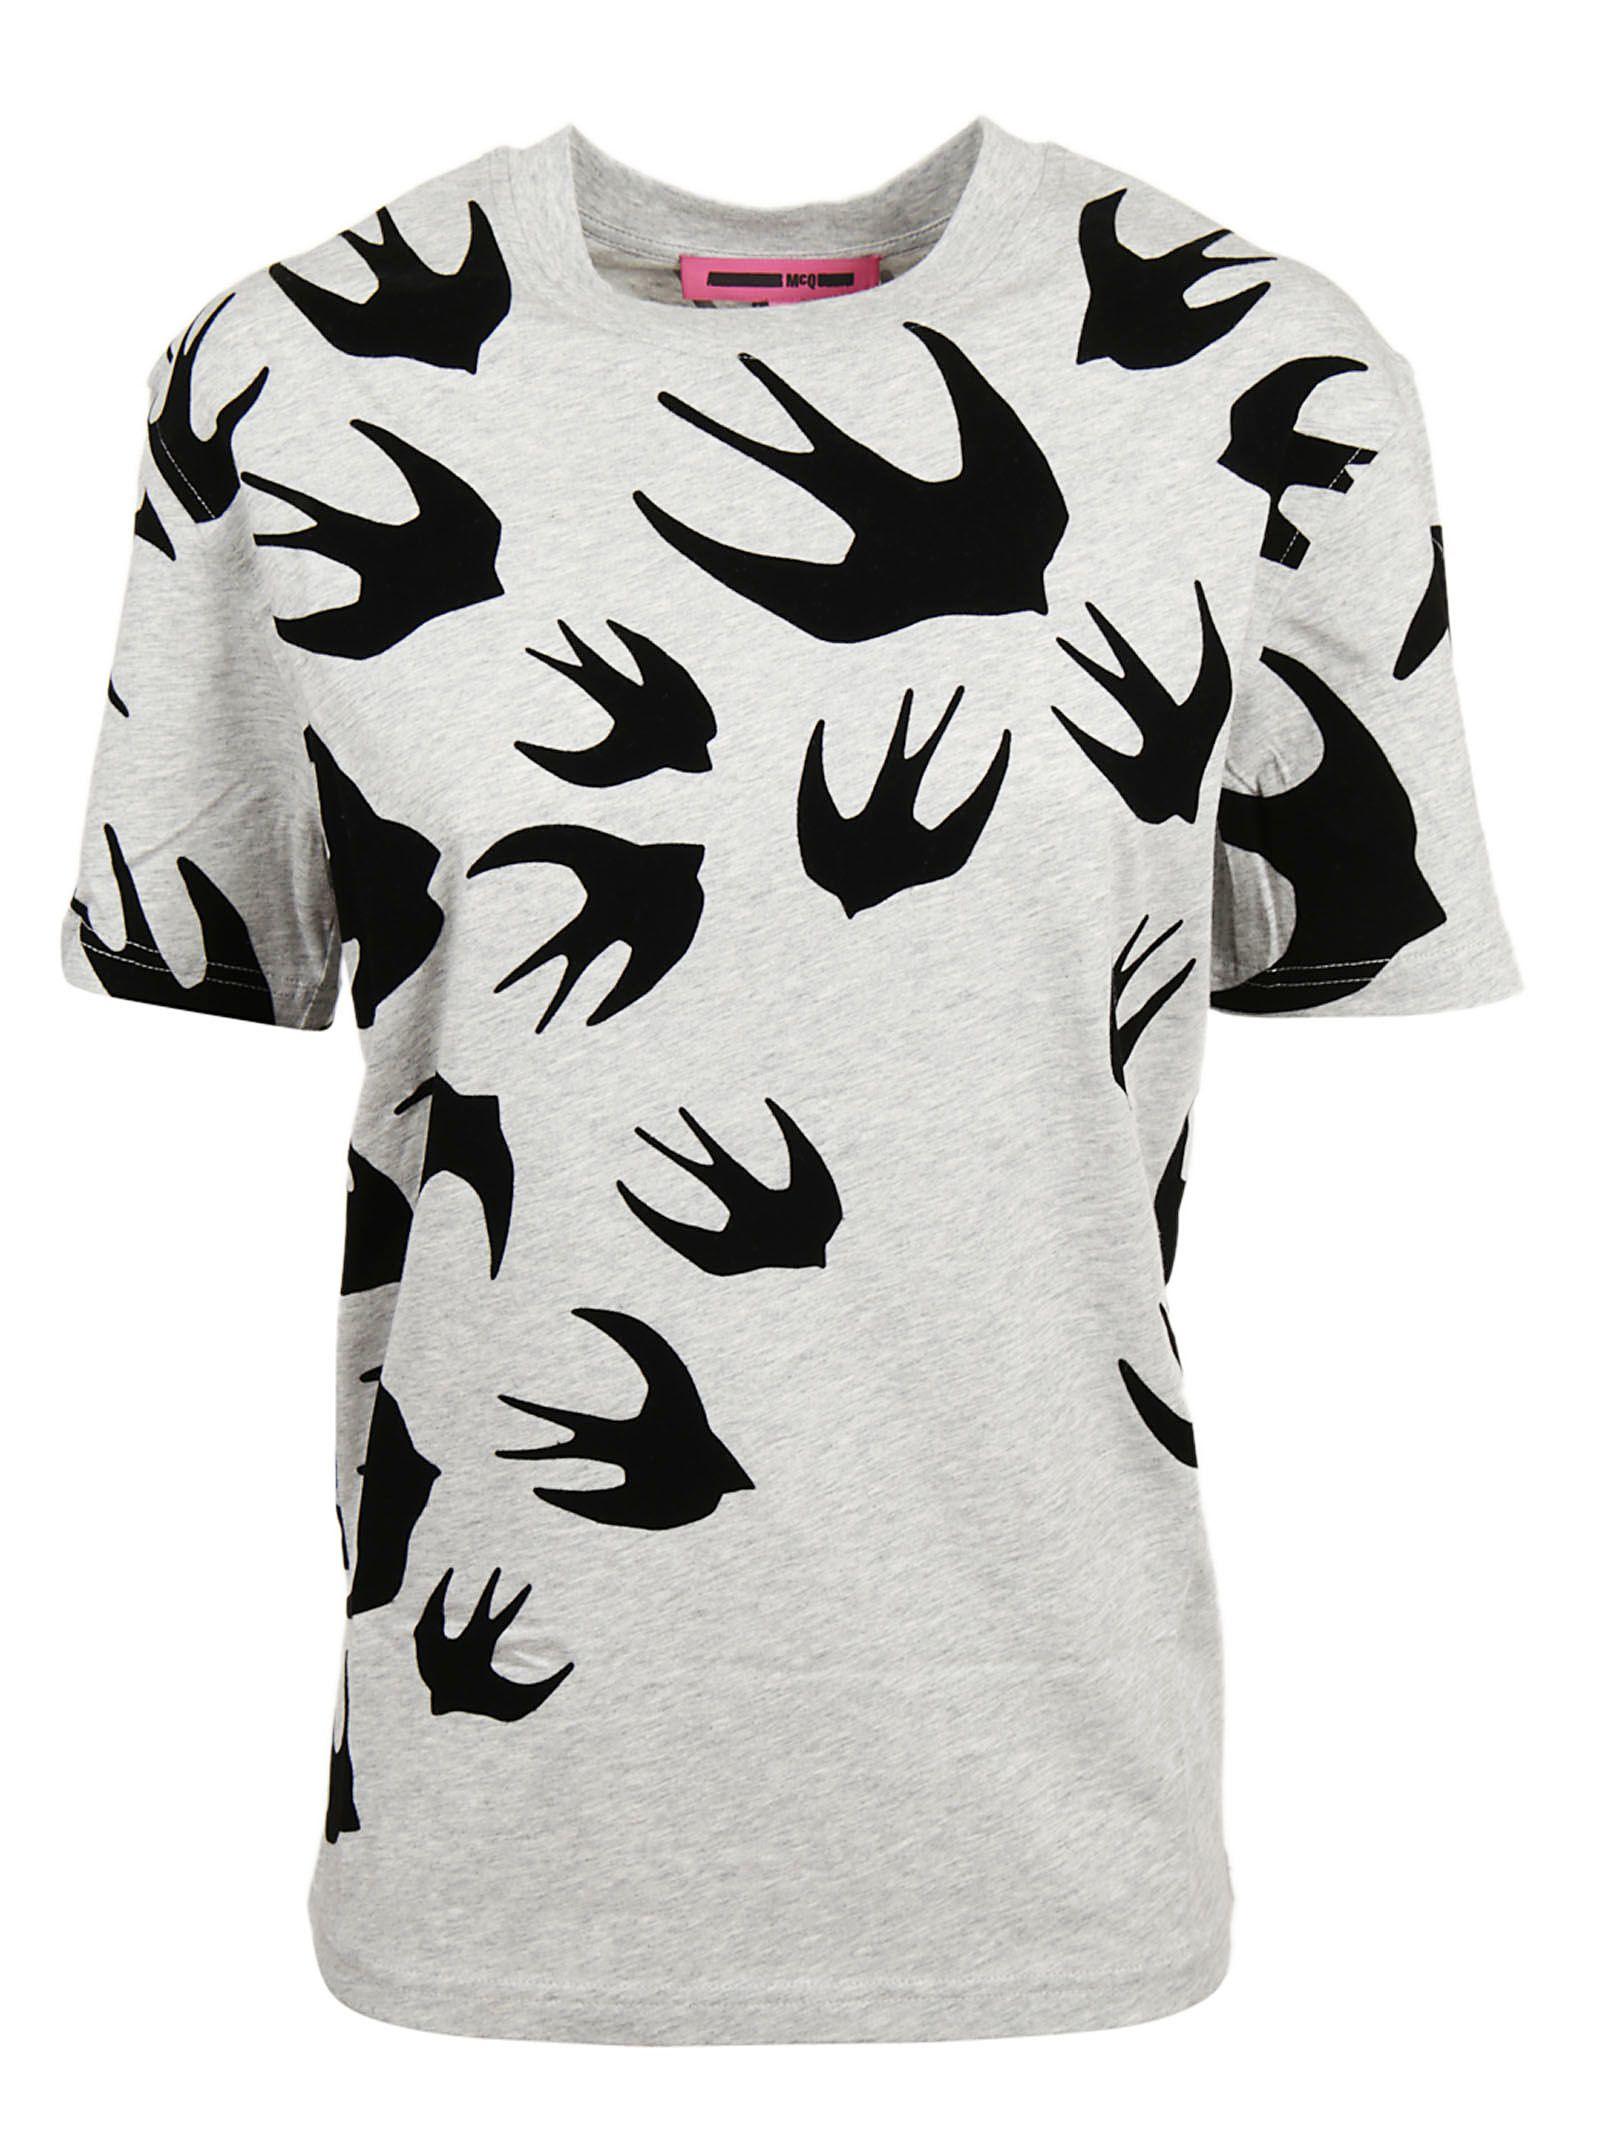 Mcq Alexander Mcqueen Alexander Ueen Swallow Swarm T-shirt